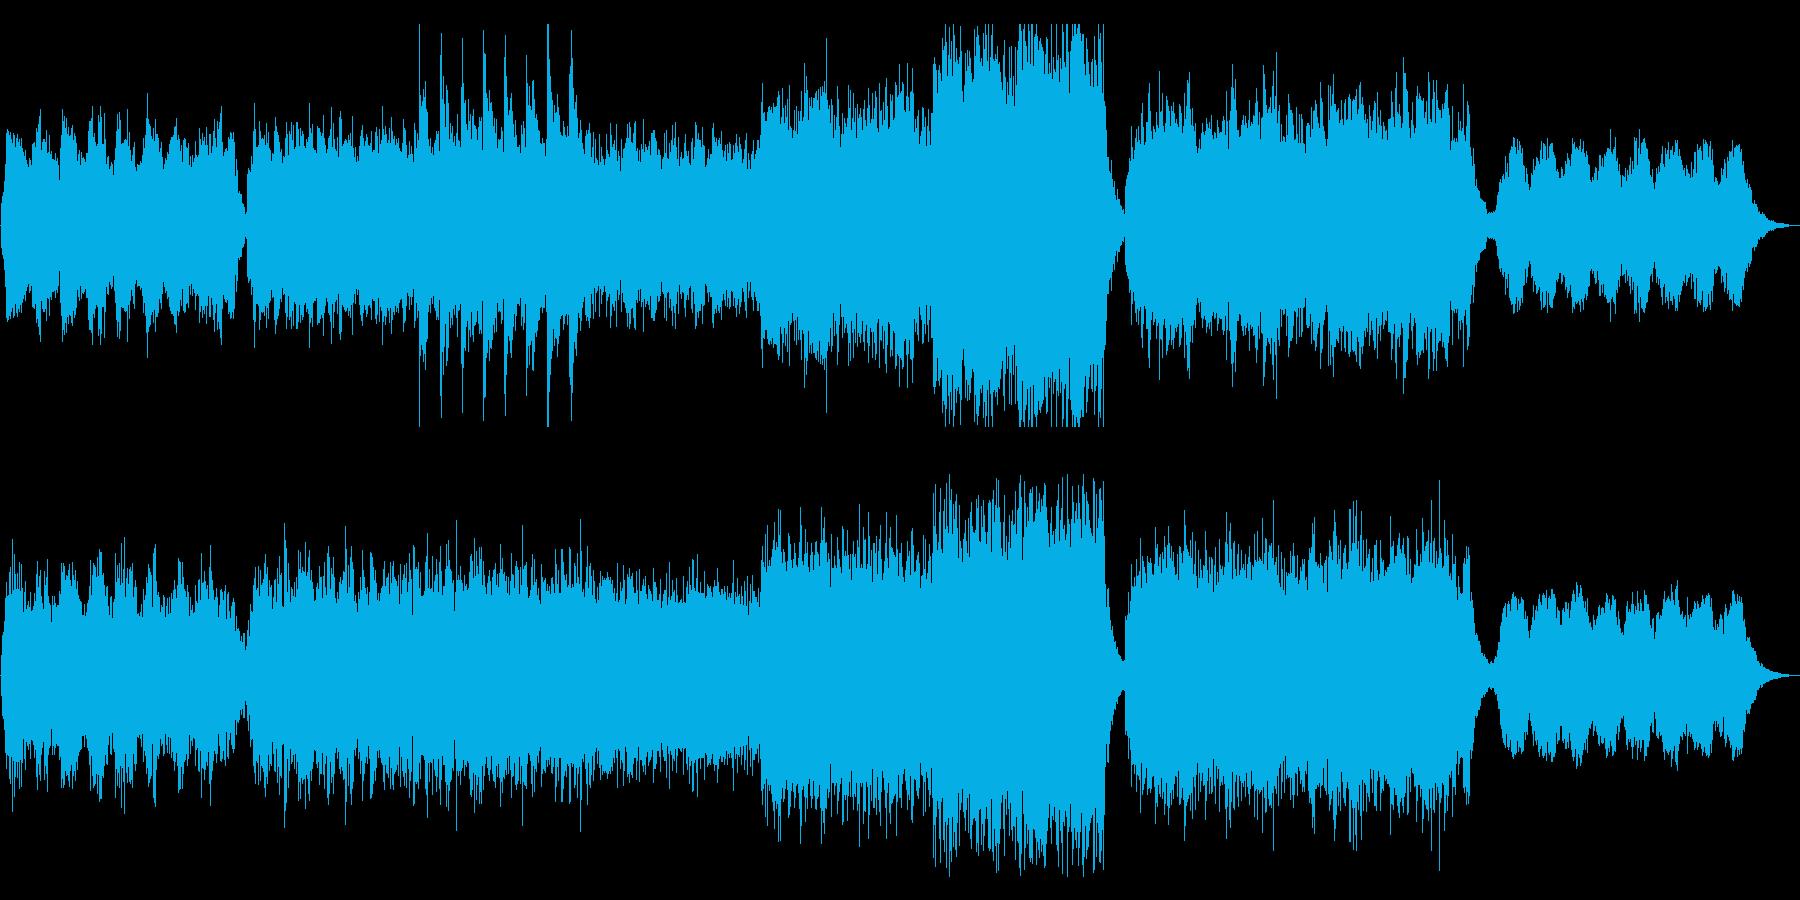 『予兆』不安と期待が入り混じるシリアス曲の再生済みの波形